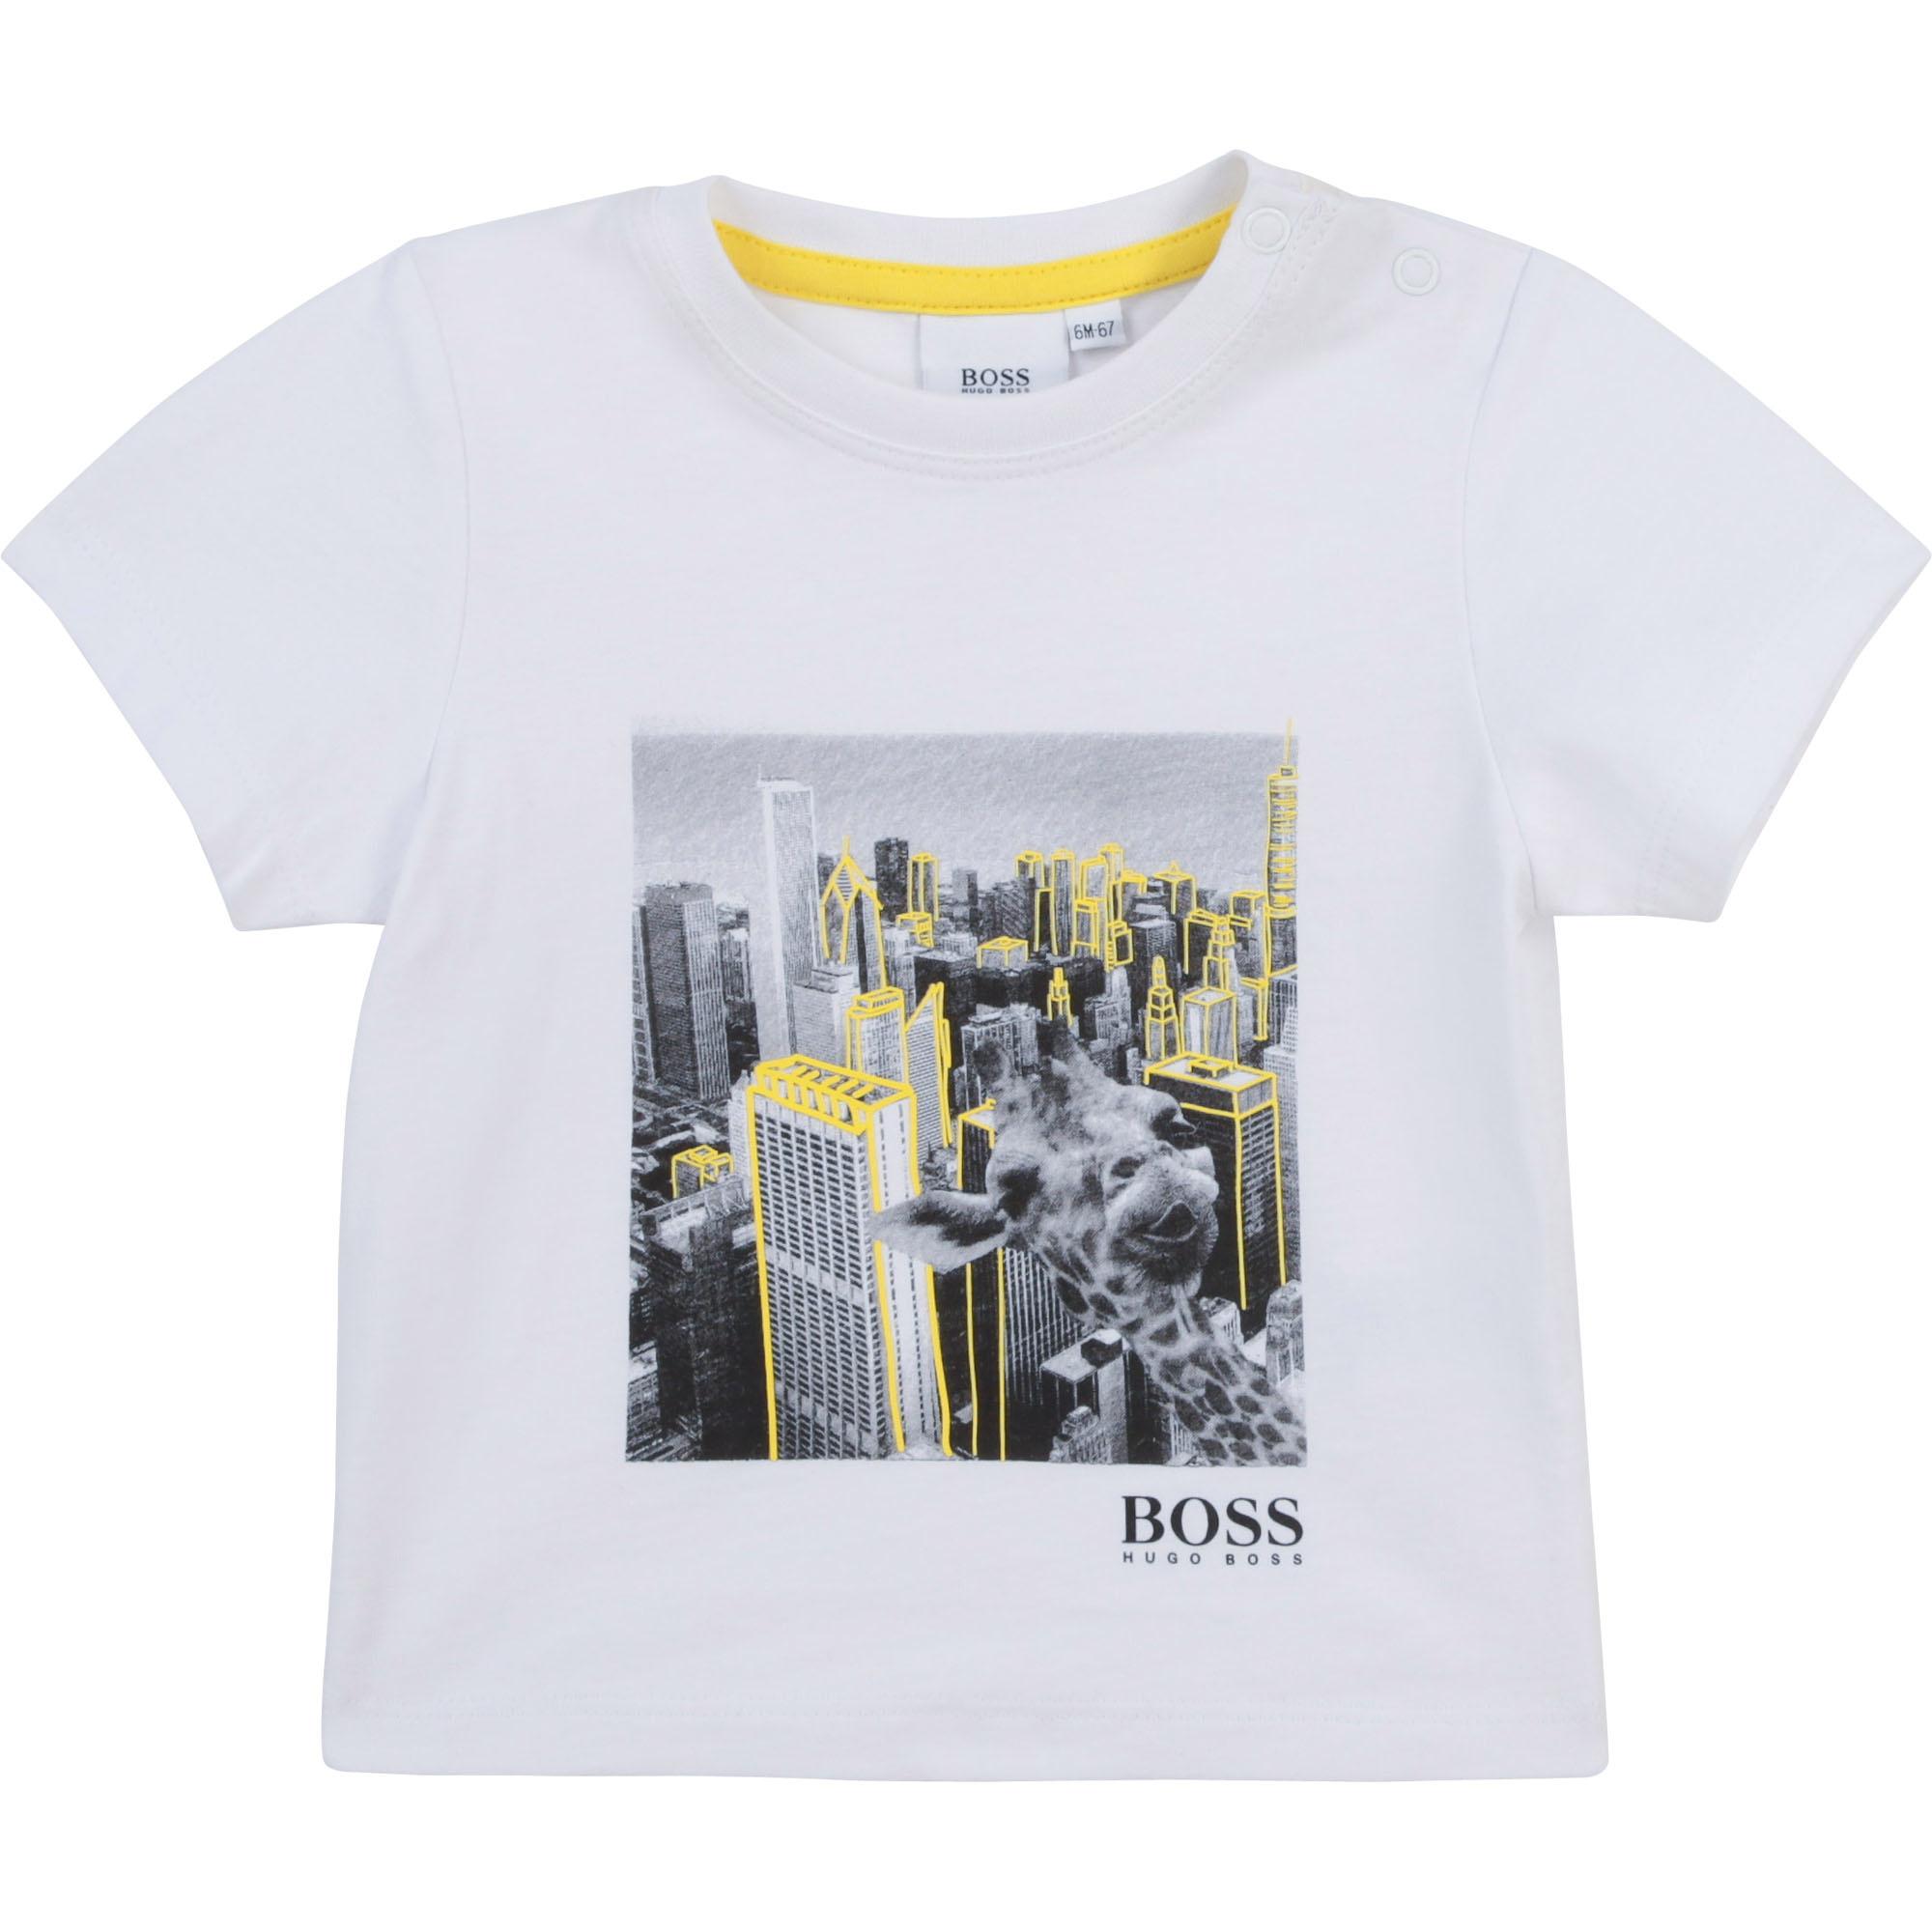 BOSS t-shirt en jersey de coton-1